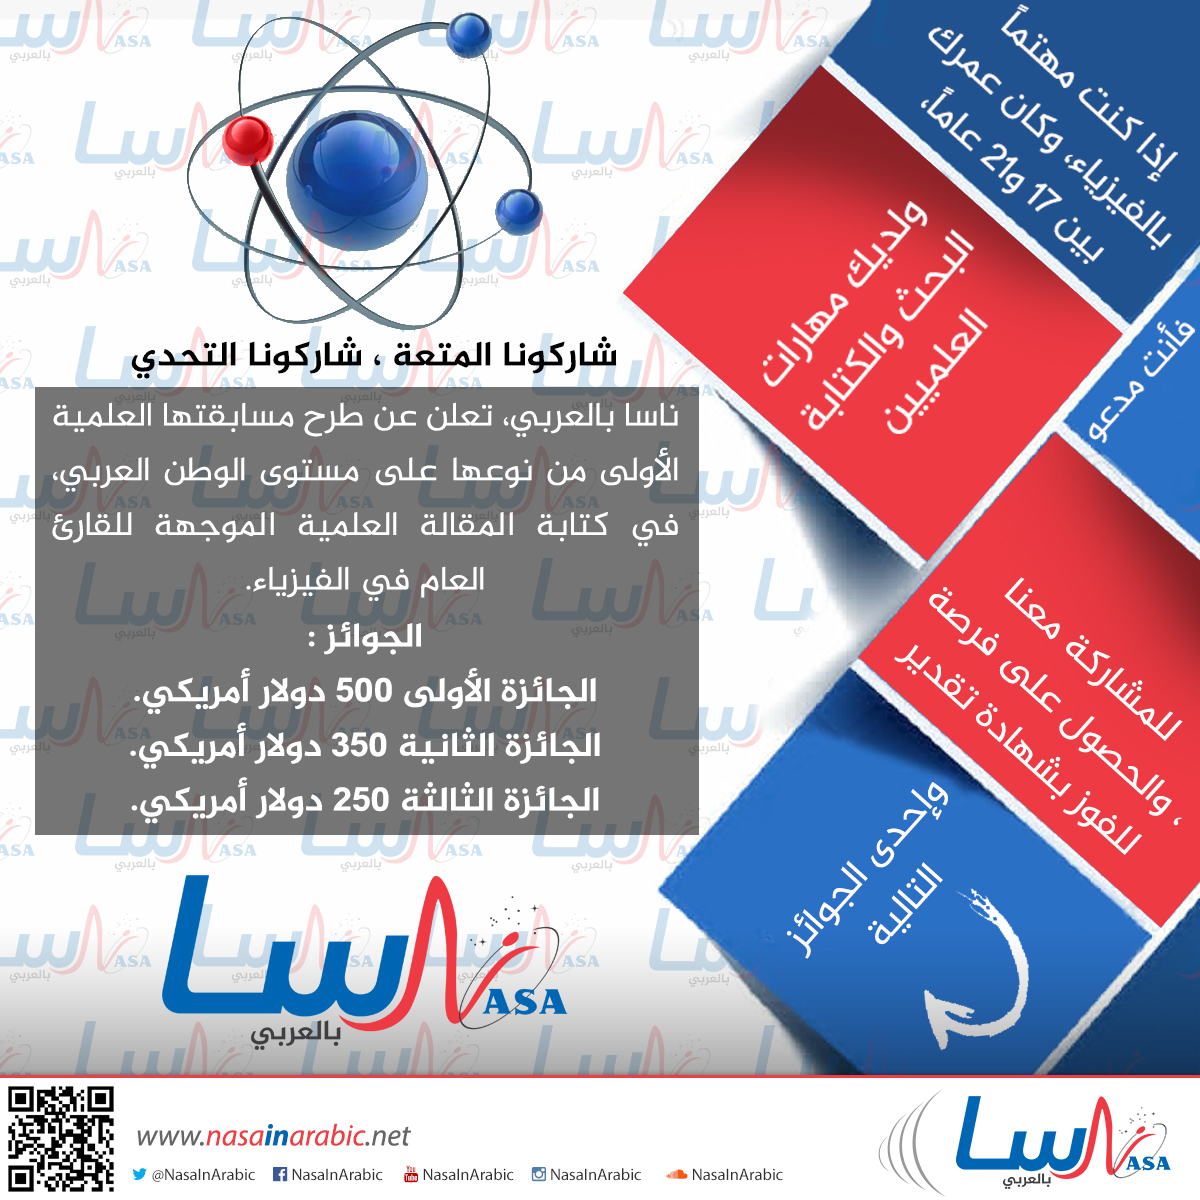 مسابقة ناسا بالعربي لكتابة المقالة العلمية في مجال الفيزياء لعام ٢٠١٦